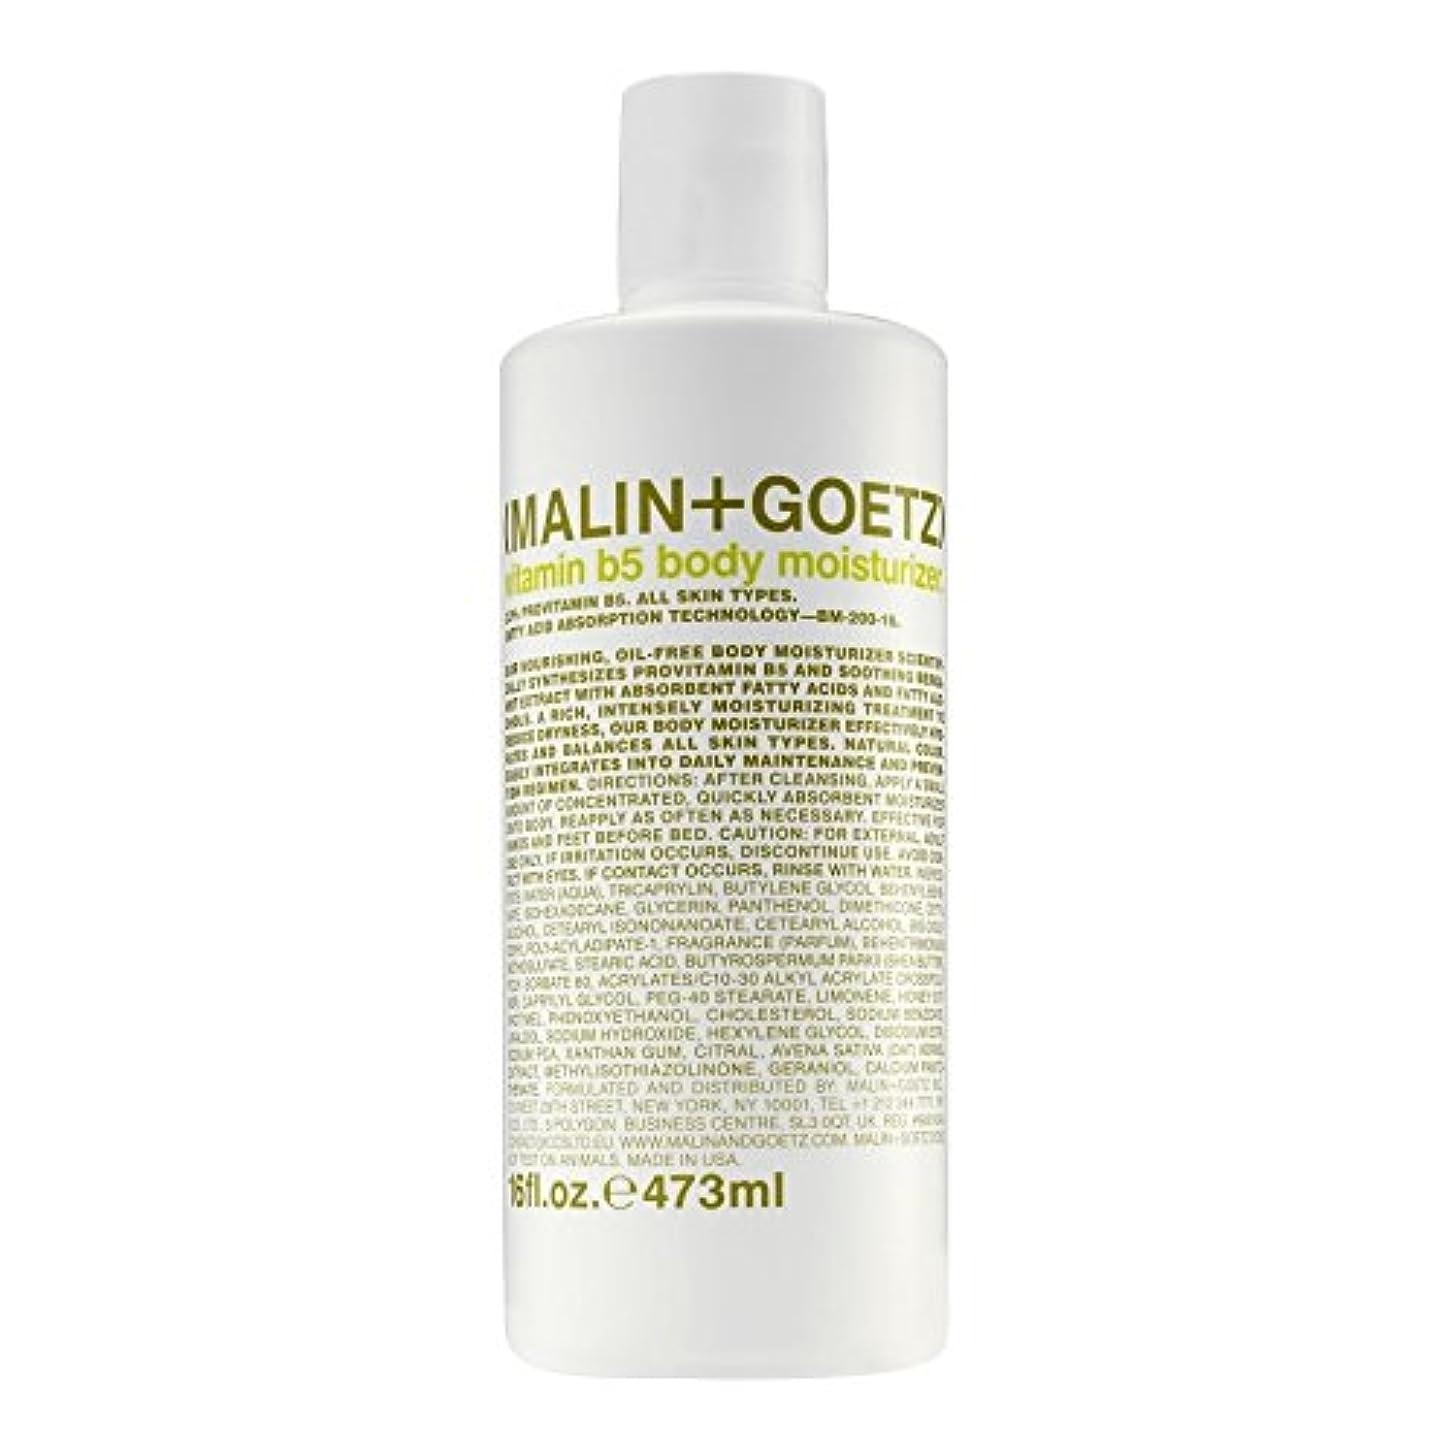 介入する懲らしめ大腿マリン+ゲッツビタミン5ボディモイスチャライザーの473ミリリットル x2 - MALIN+GOETZ Vitamin B5 Body Moisturiser 473ml (Pack of 2) [並行輸入品]